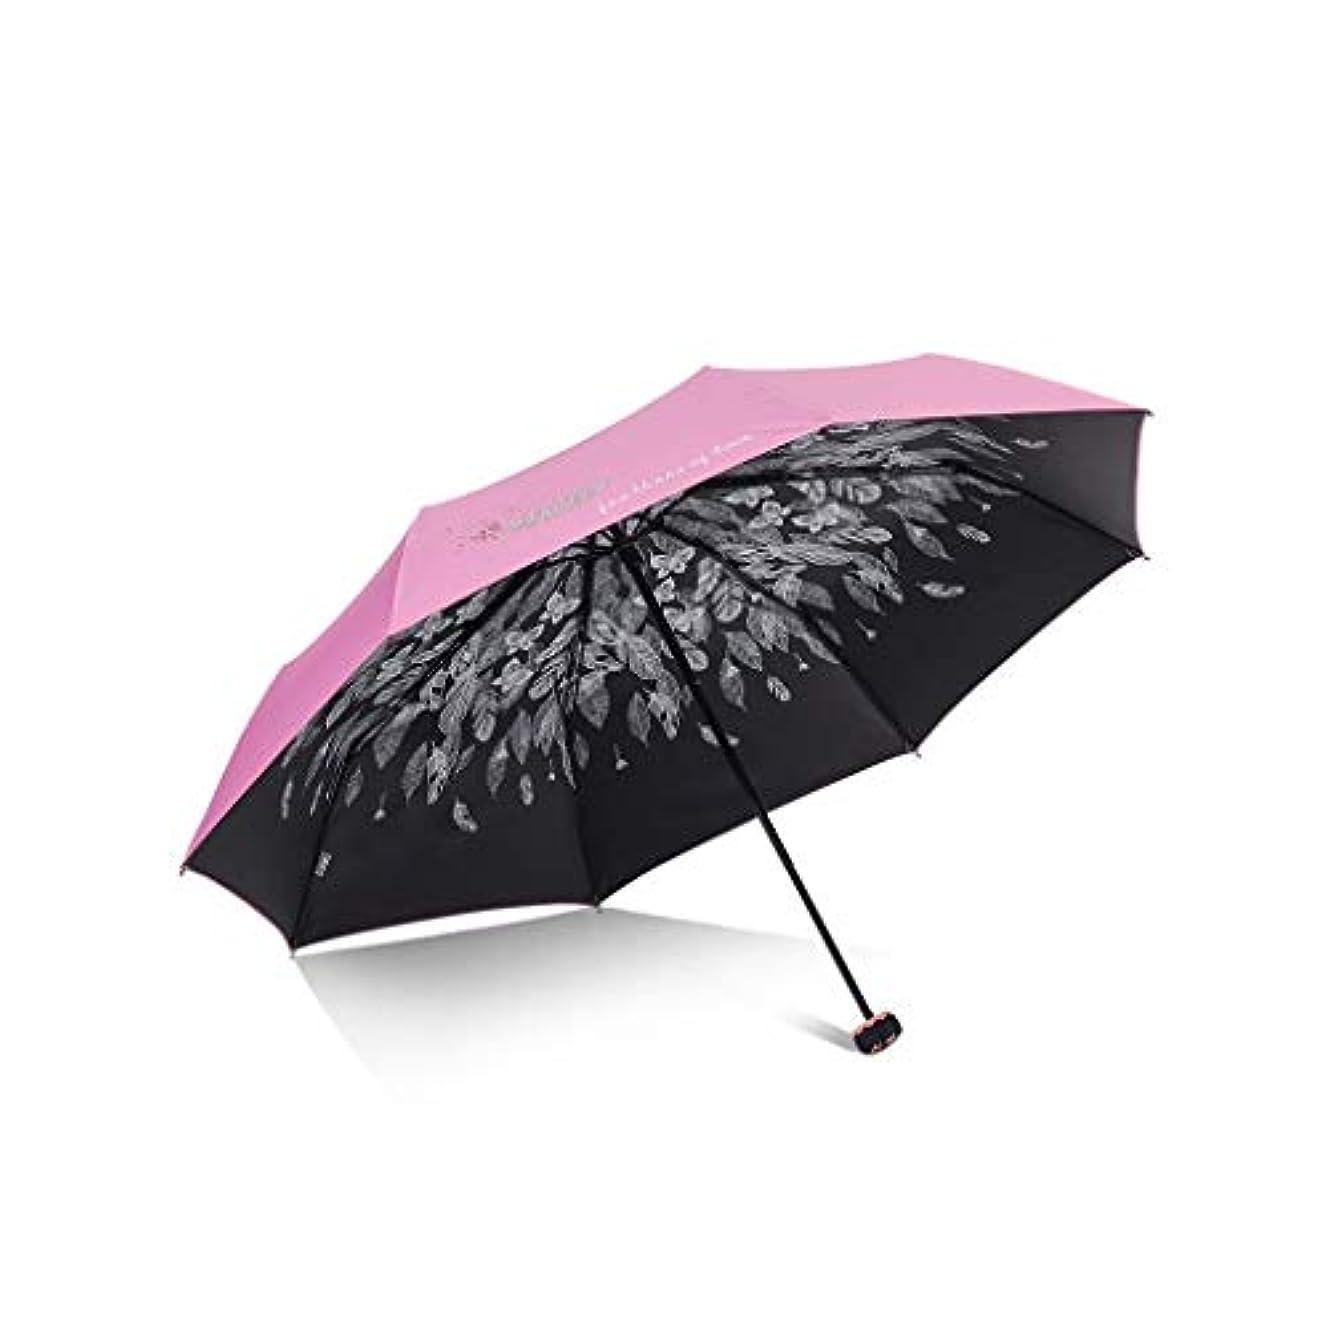 スカウトピン工業化するPy 傘日焼け止めUV傘折りたたみデュアルユース日傘ファッション小さな新鮮な印刷